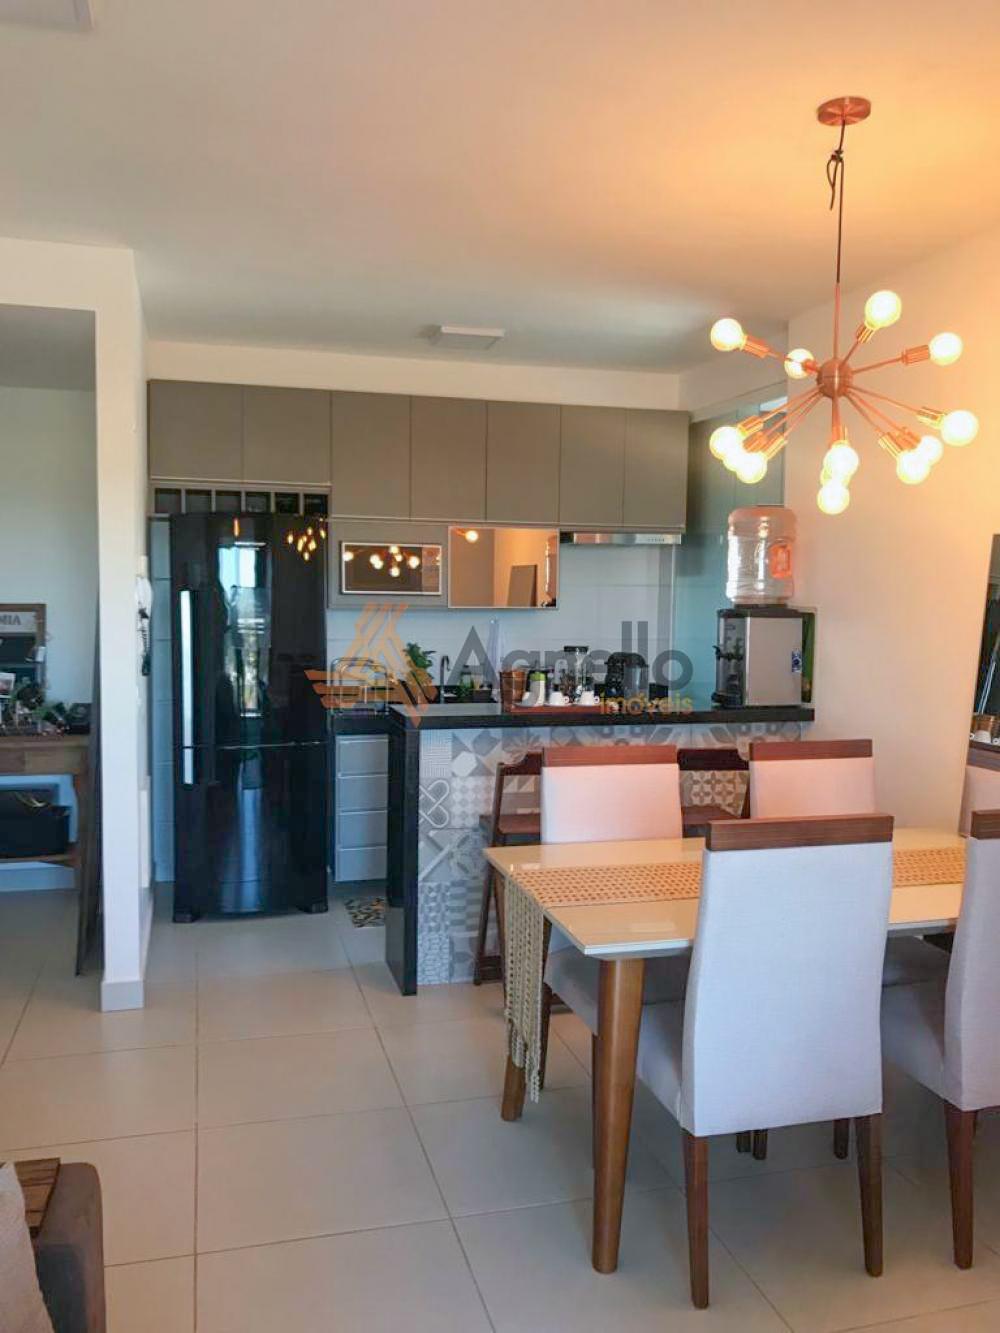 Comprar Apartamento / Padrão em Franca apenas R$ 389.000,00 - Foto 8